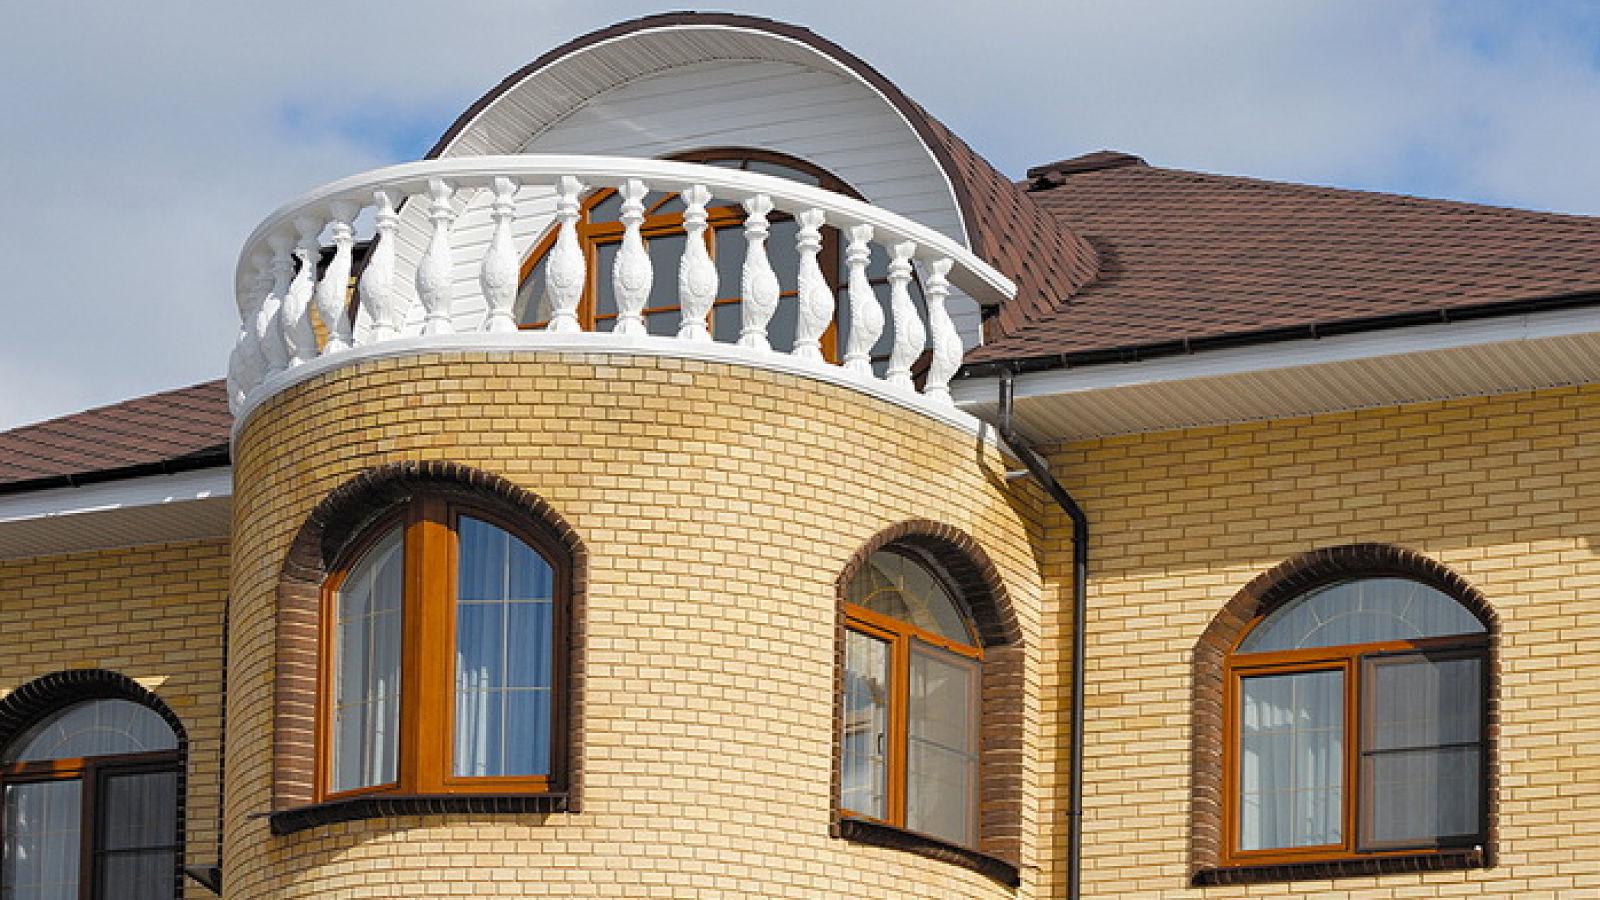 фото кирпичных домов с арочными окнами день, друзья все